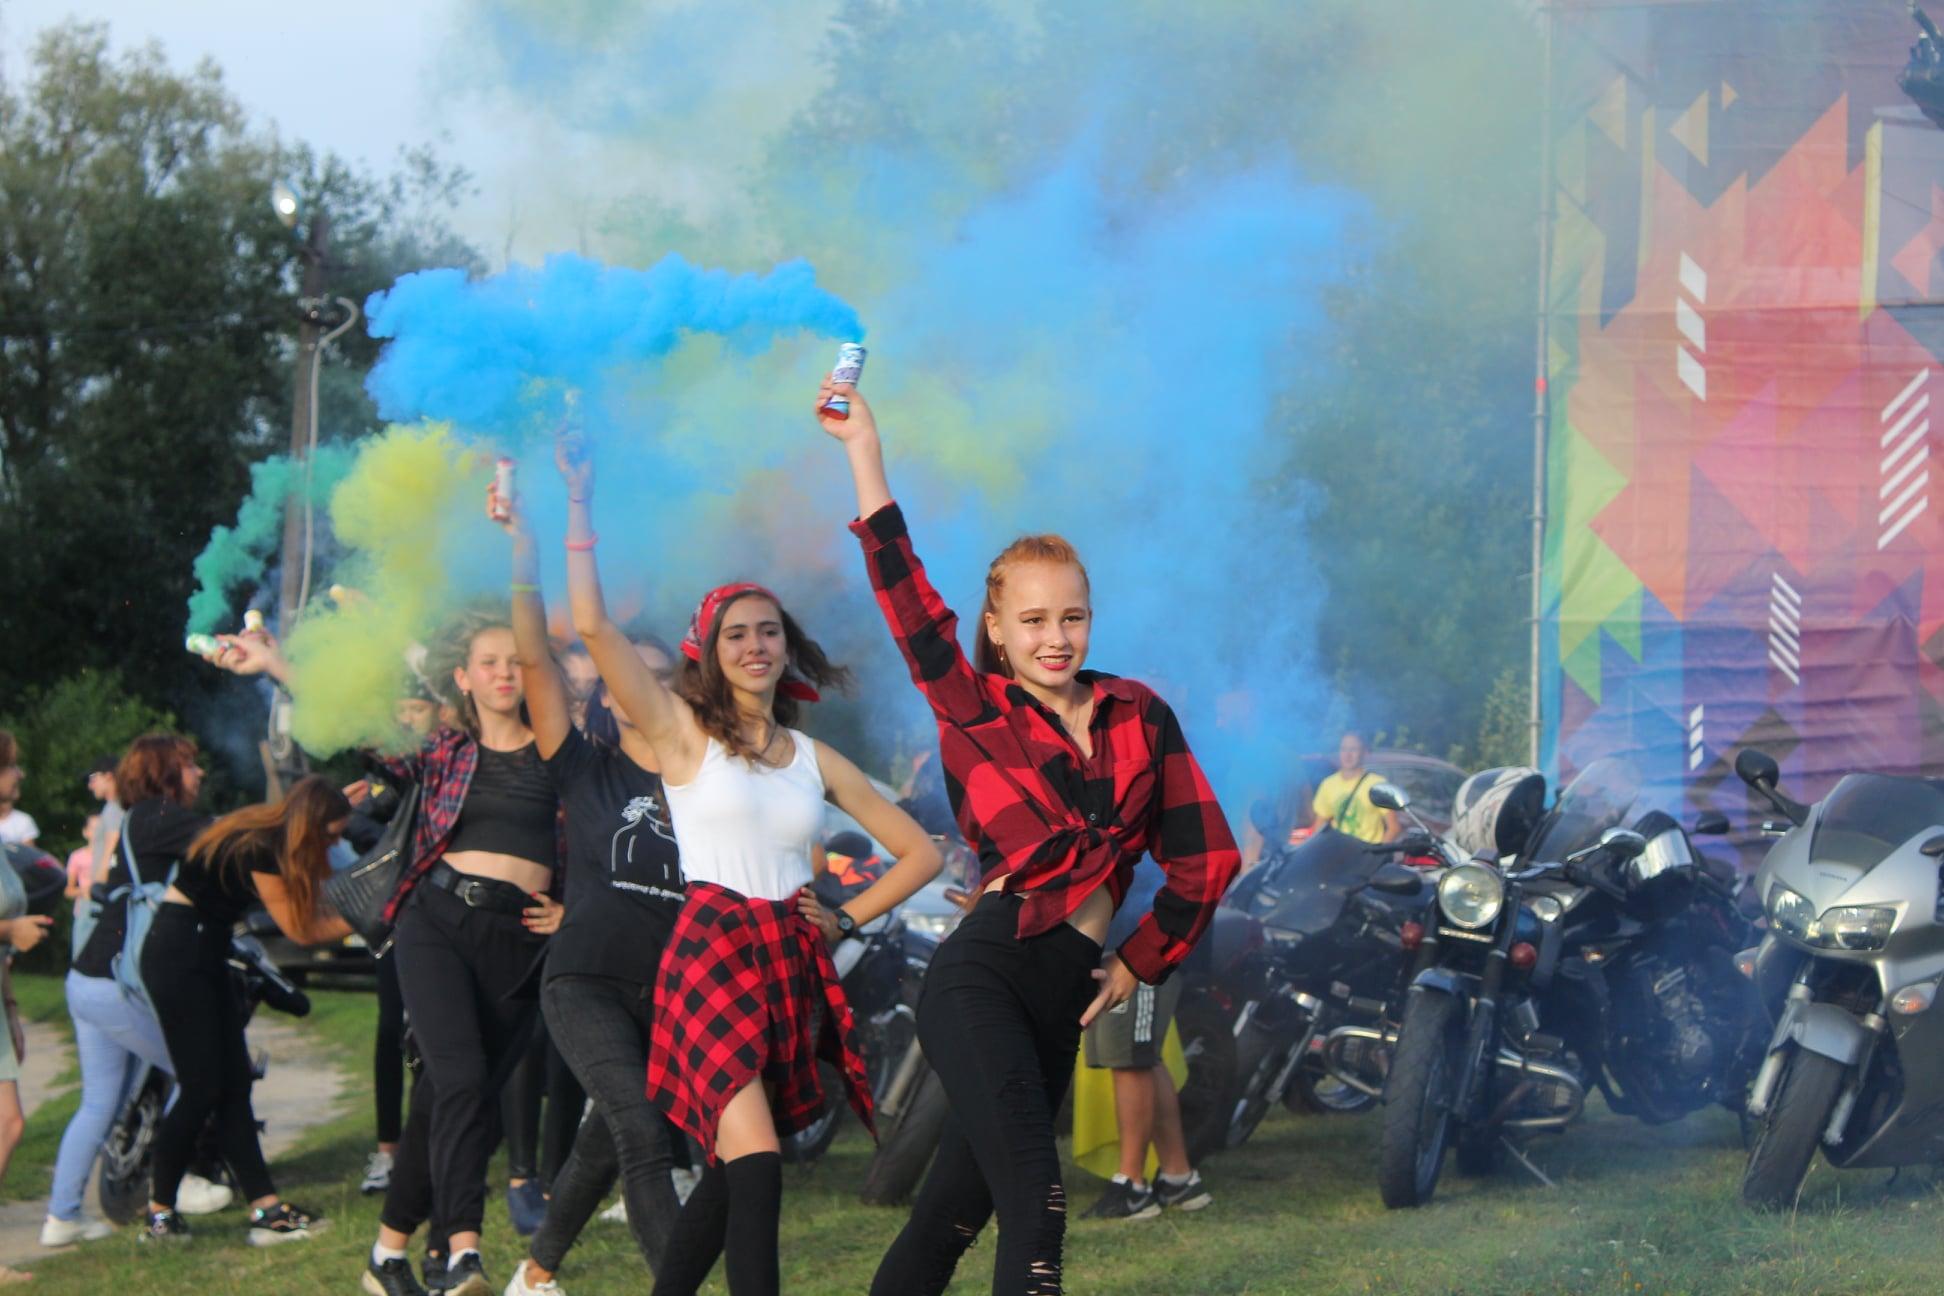 Мена урочисто відсвяткувала свій день народження та музичний фестиваль світла та розвитку LuMena (Фото)